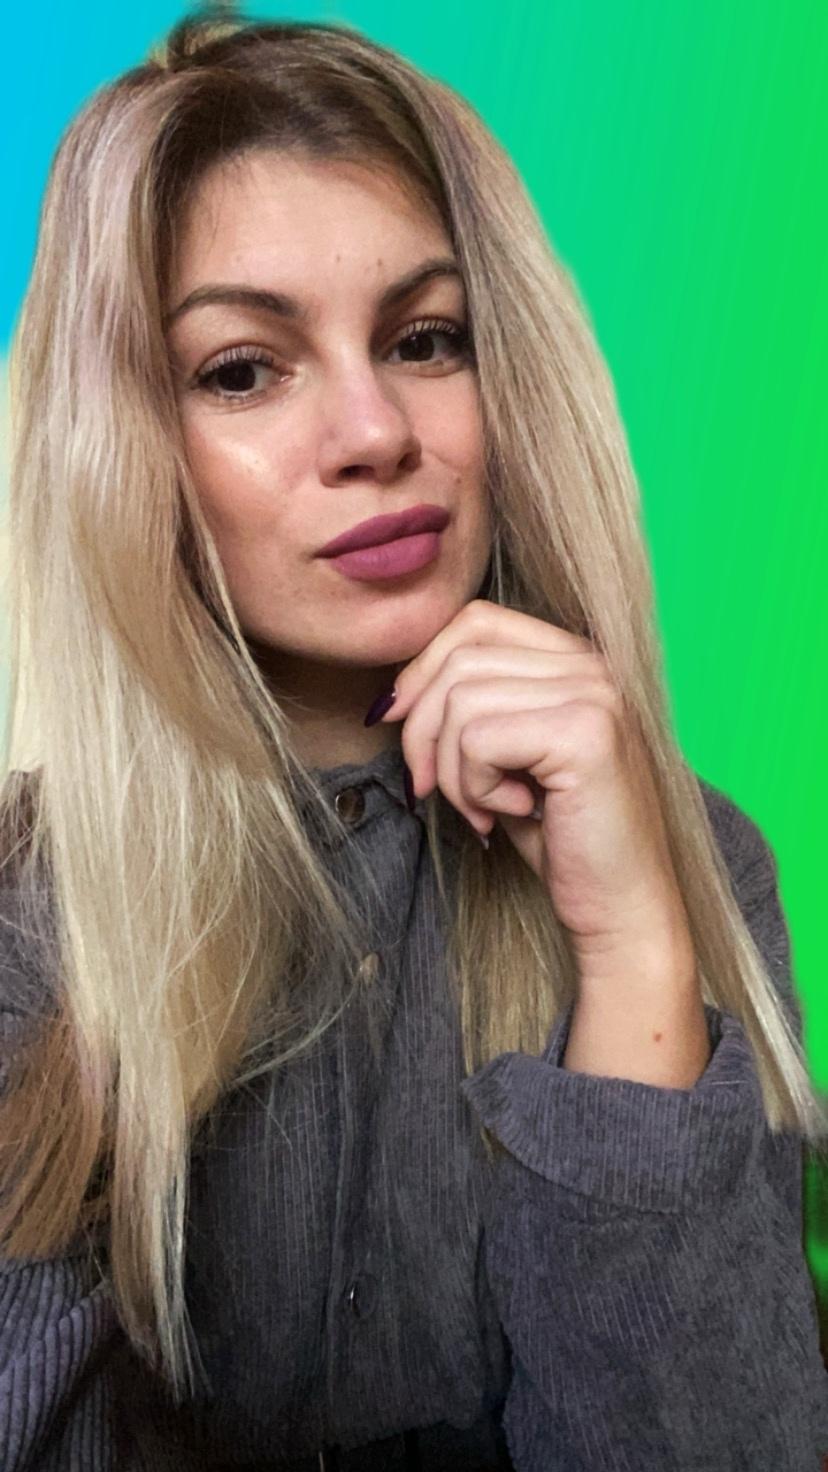 Моисеенко Алина Леонидовна - преподаватель английского языка онлайн